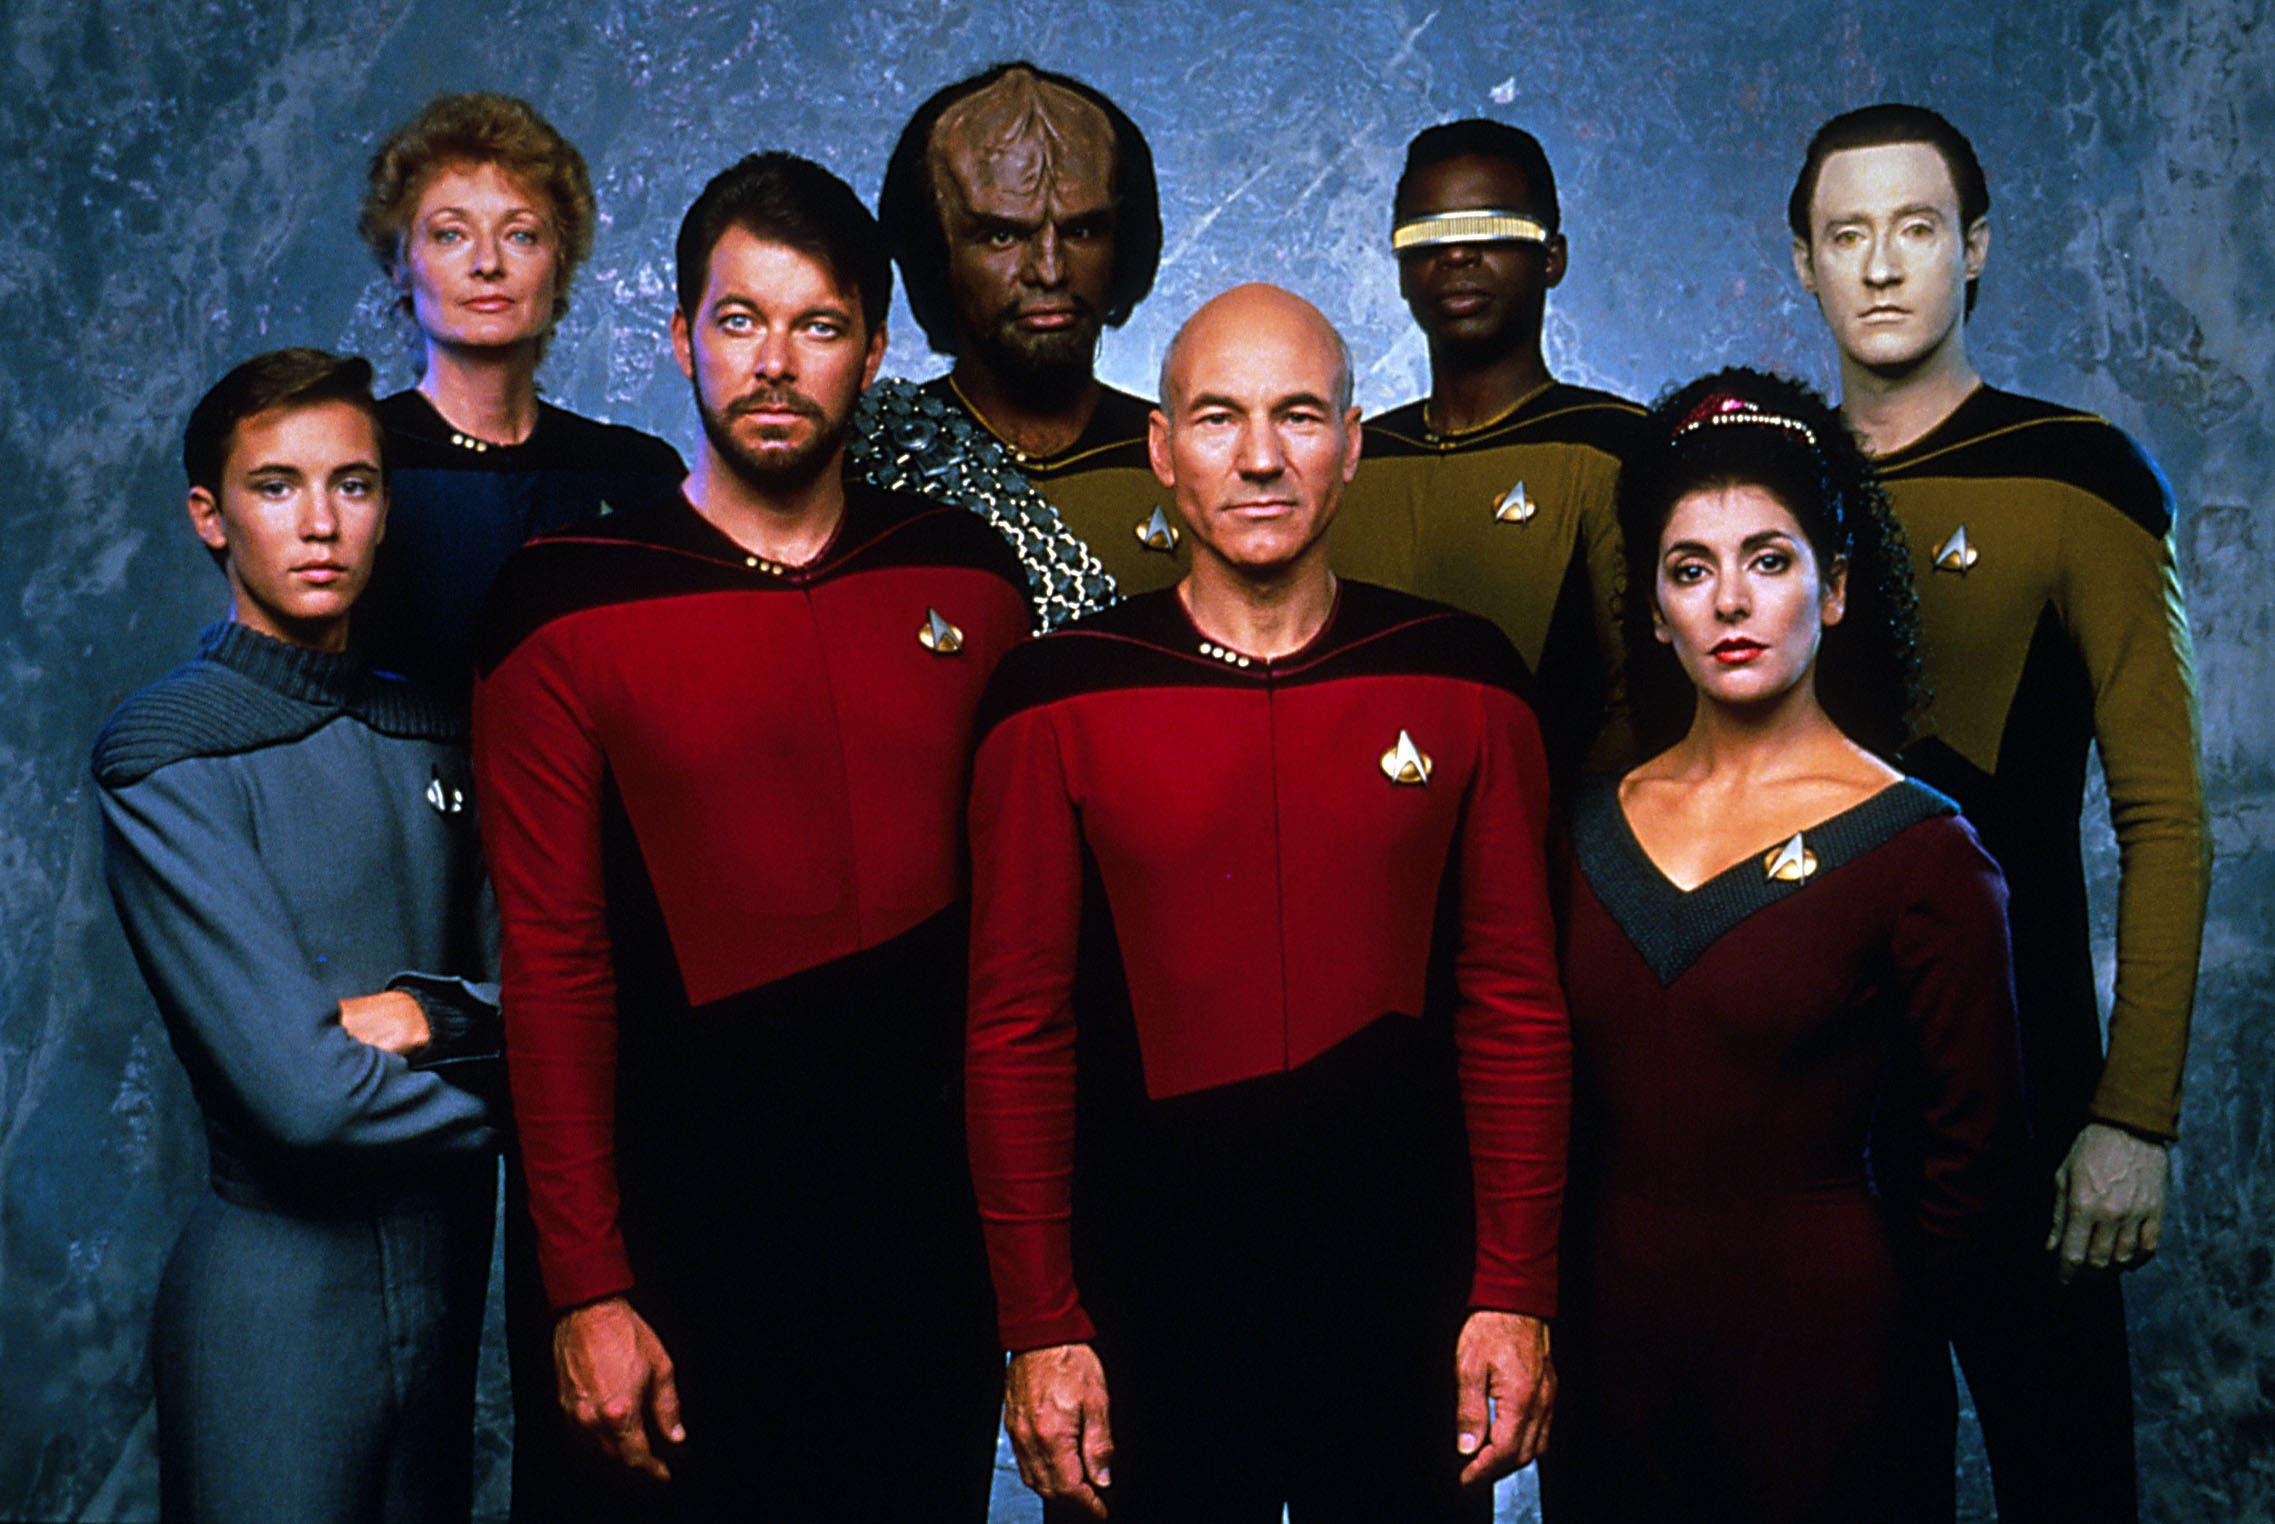 Star Trek theme park thrills in Murcia